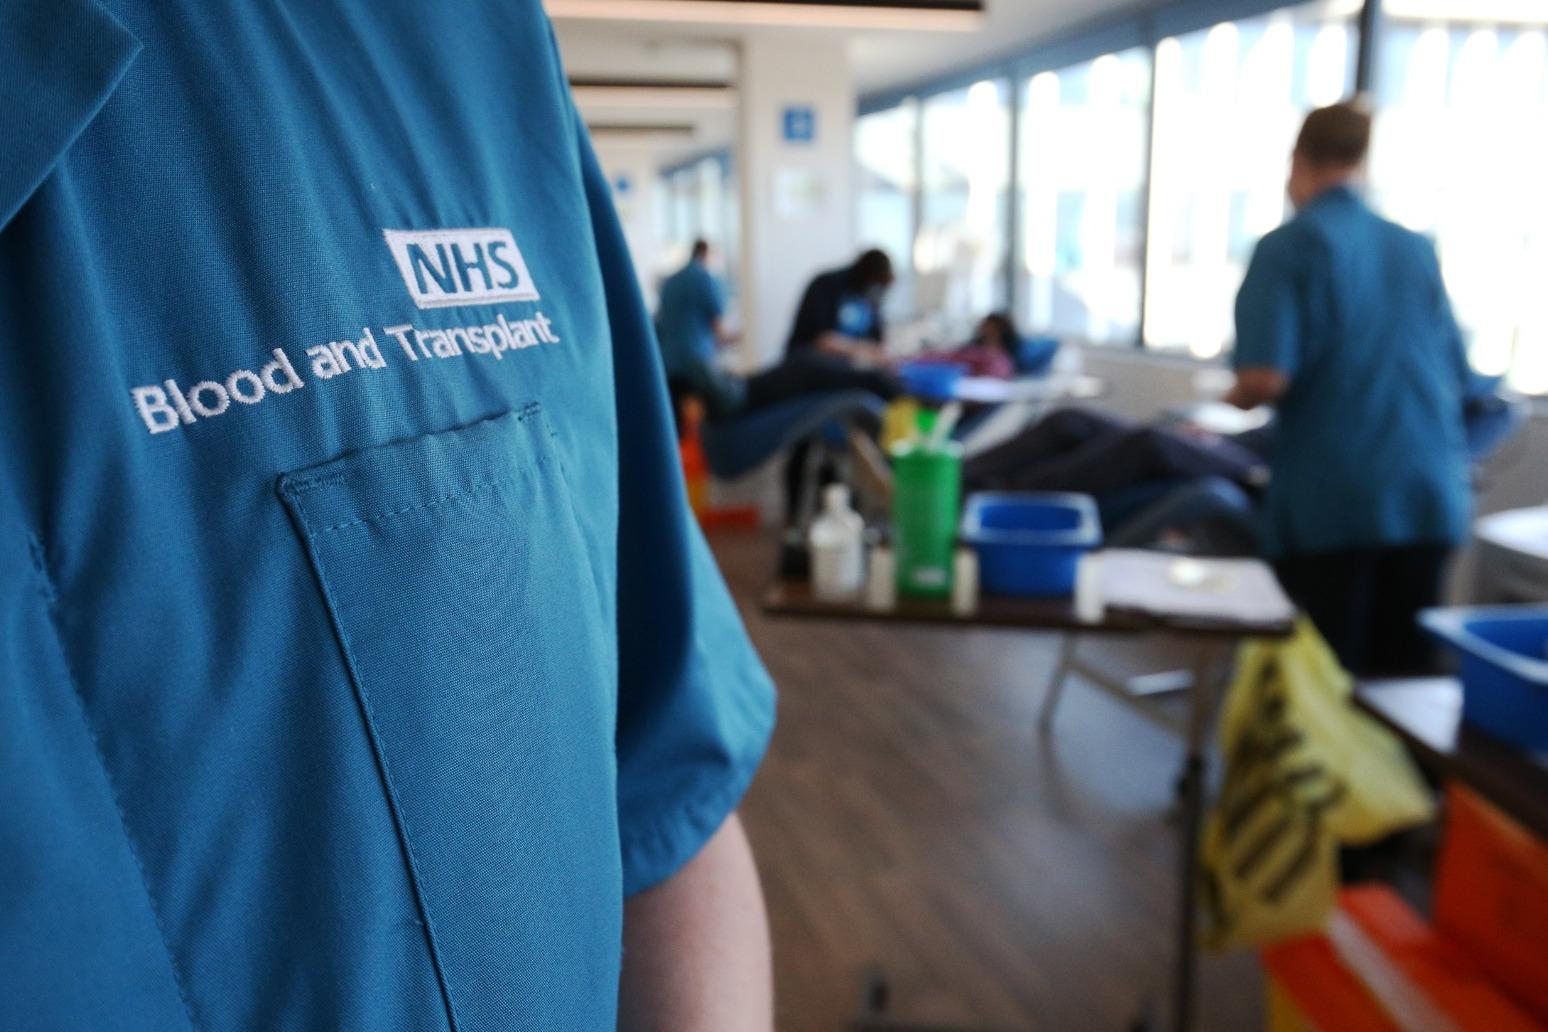 First regular blood donations to make lifesaving plasma medicines to begin